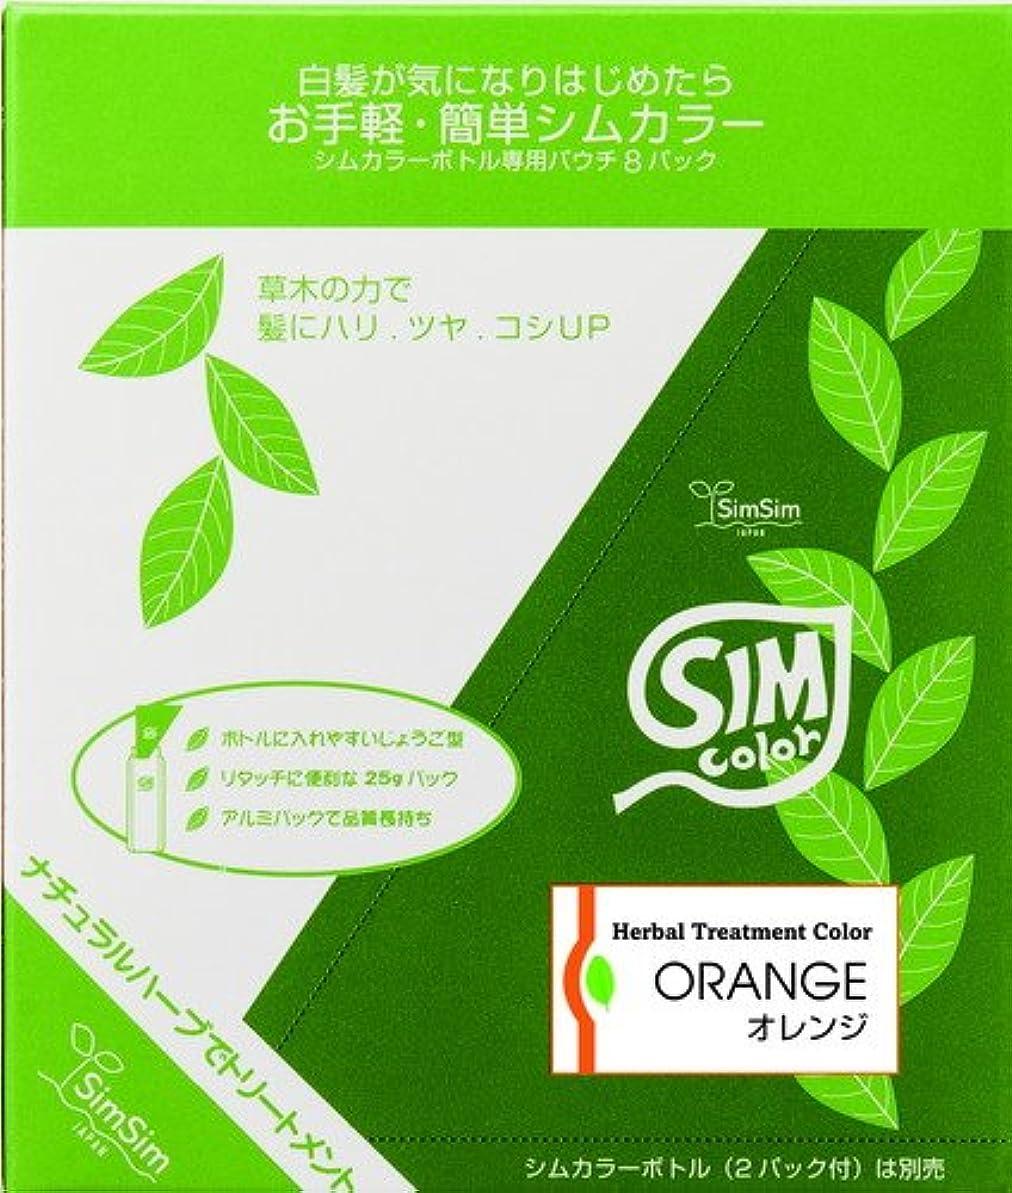 ミュージカル混雑ビートSimSim(シムシム)お手軽簡単シムカラーエクストラ(EX)25g 8袋 オレンジ